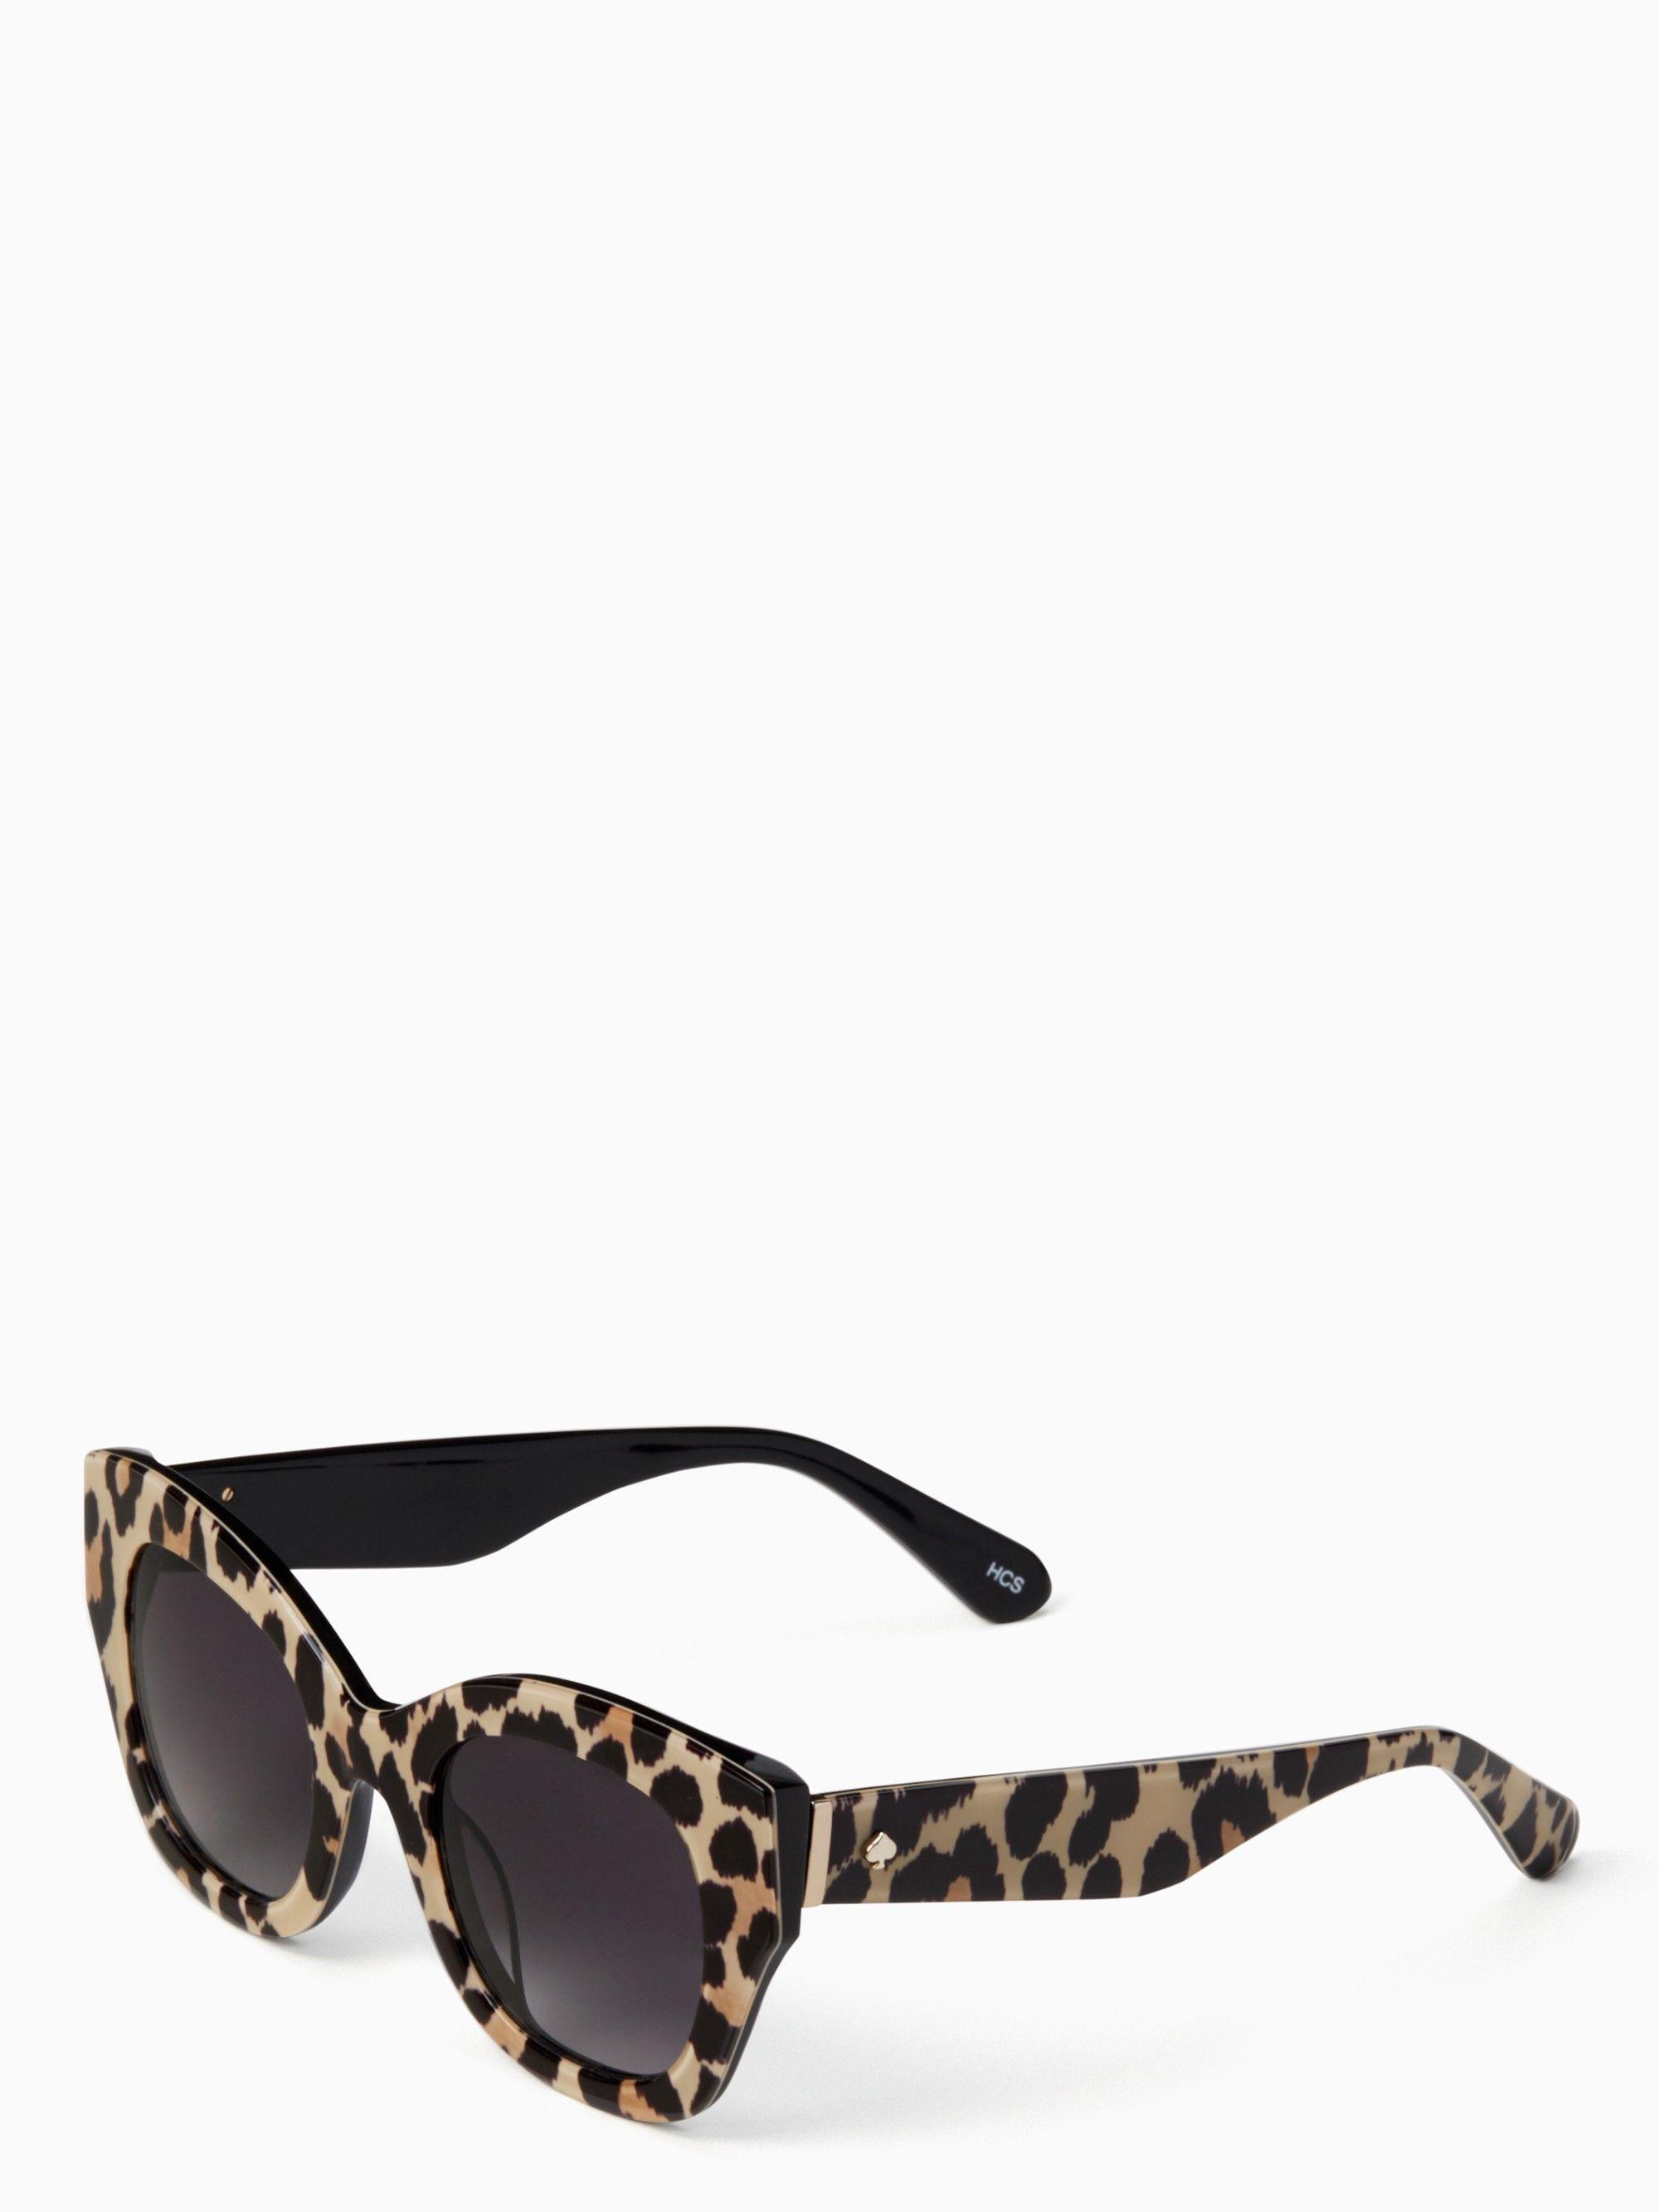 8ba2dbc757 KATE SPADE jalena sunglasses.  katespade